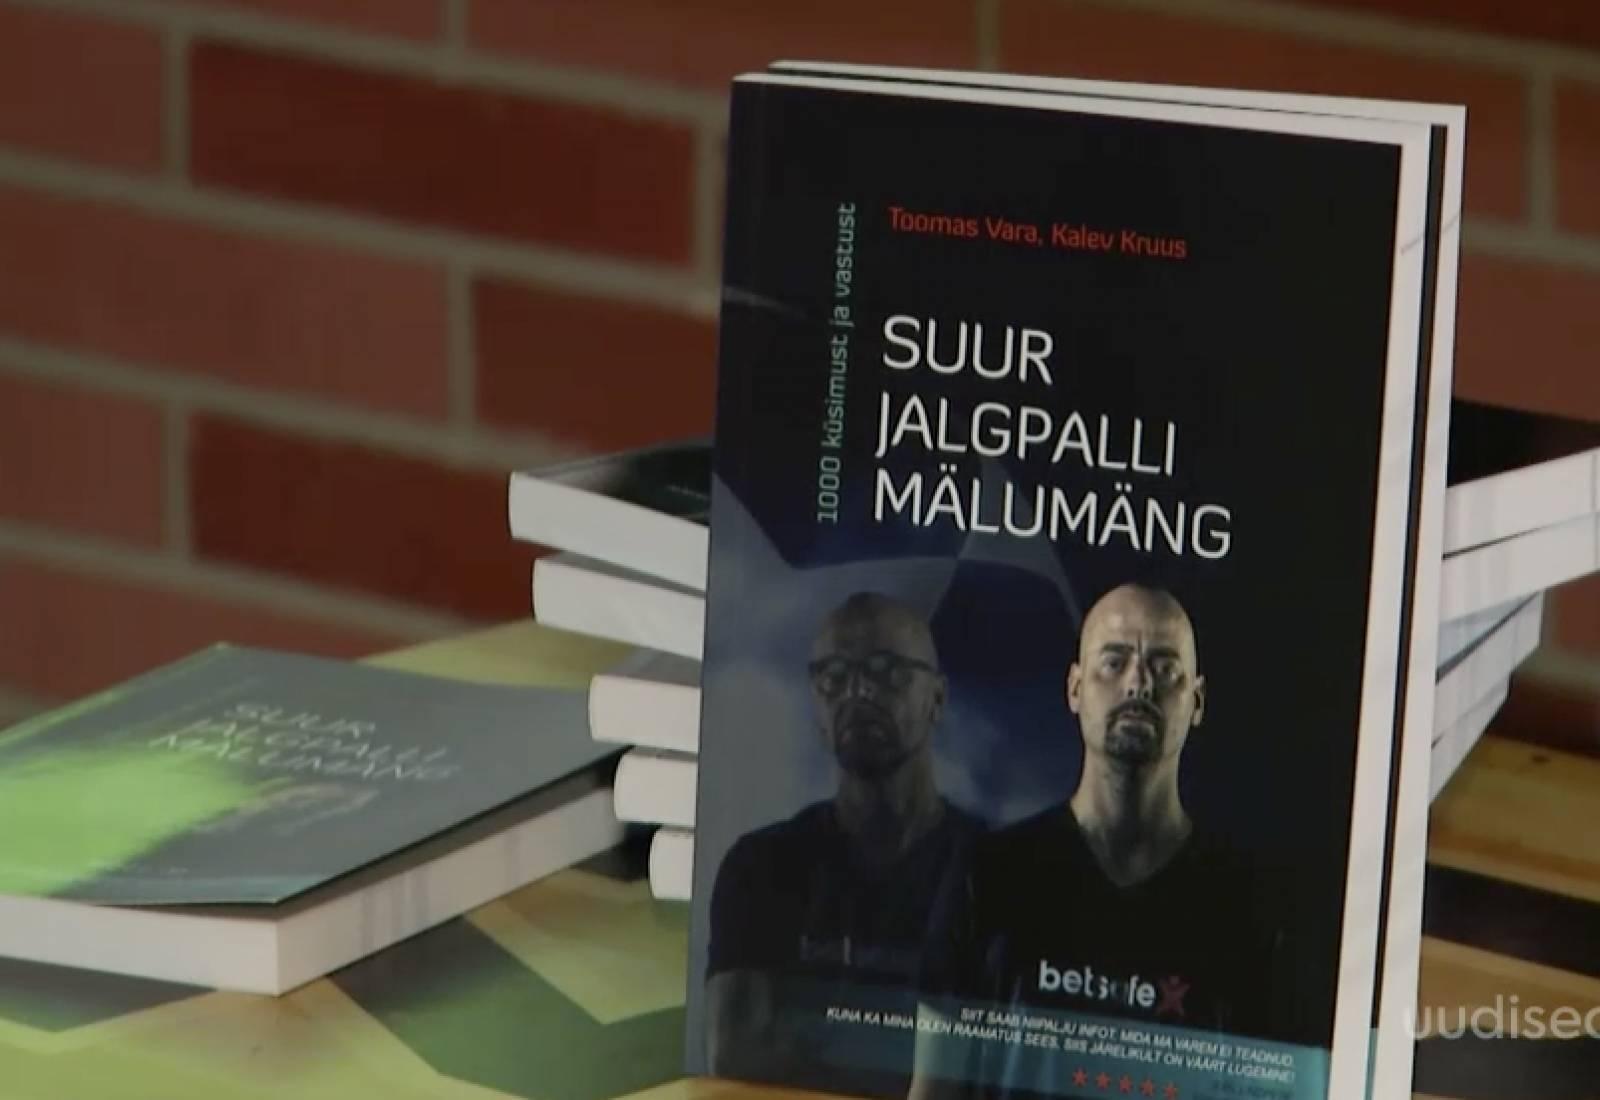 VIDEO! Iga jalkafänni unistus! Kalev Kruus ja Toomas Vara andsid välja mahuka mälumänguteose